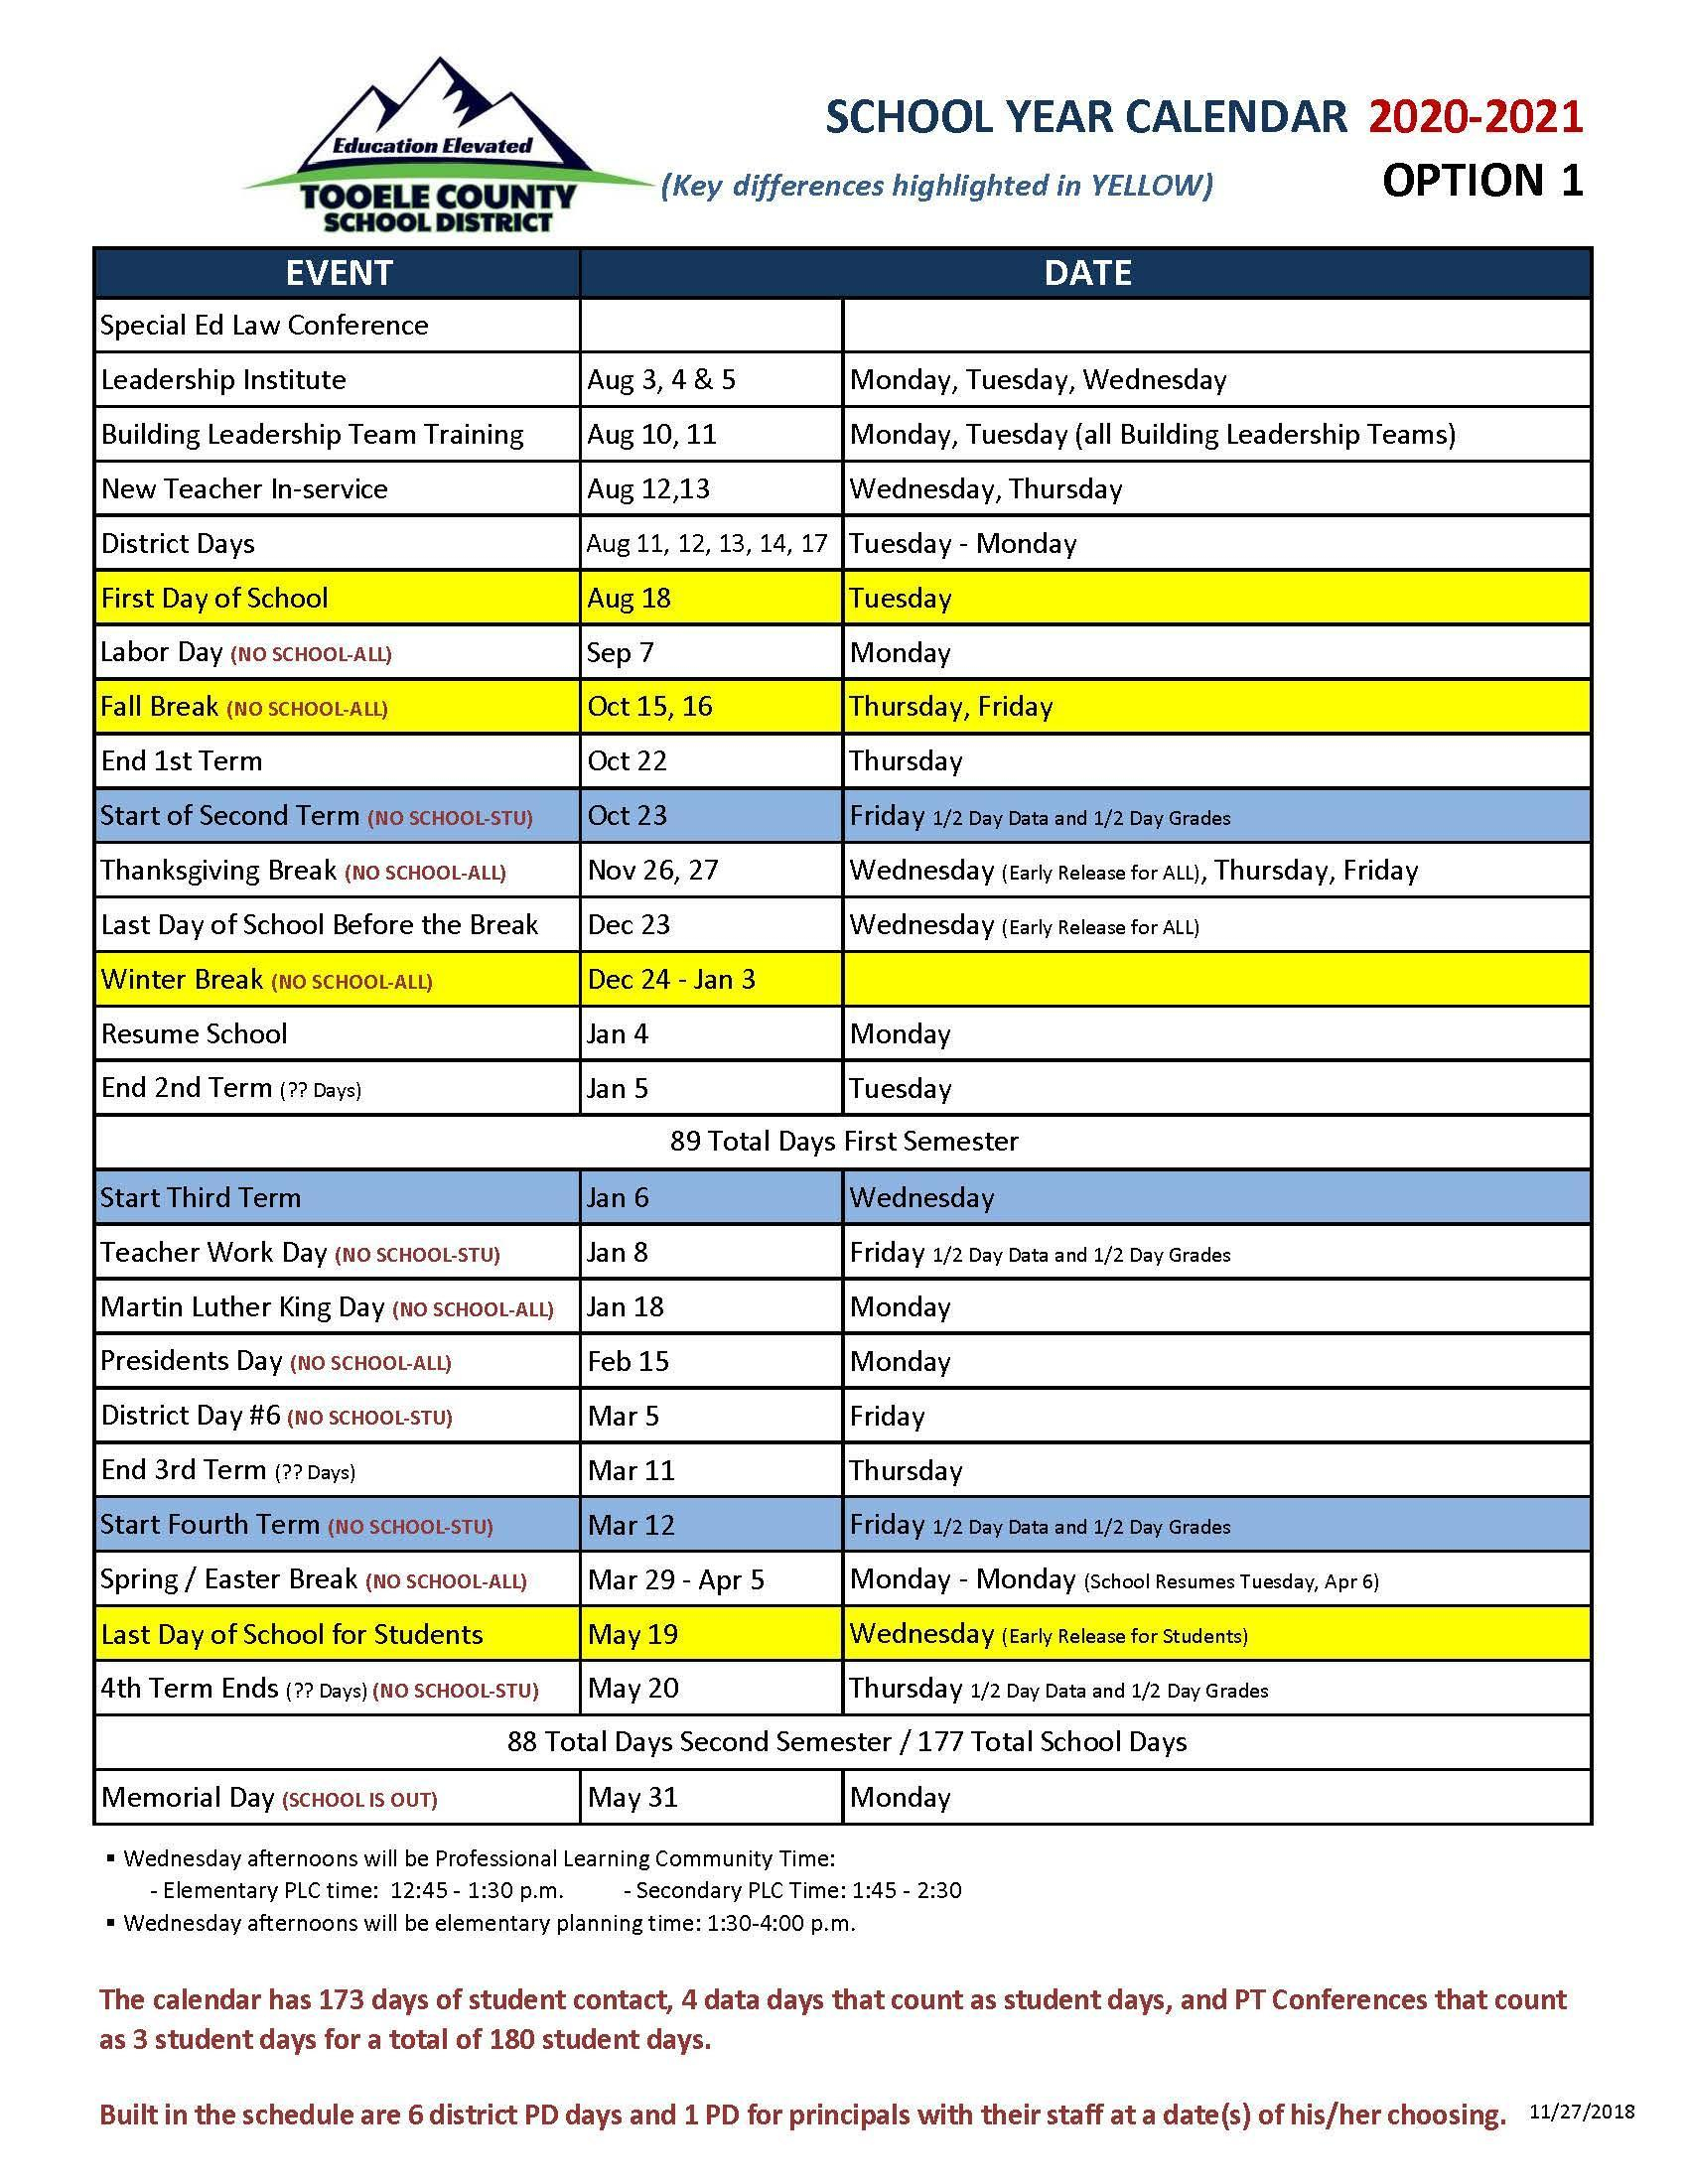 School District Calendar Survey 2021 2022 – Miscellaneous For Billings School District 2 Calendar For 2021 2022